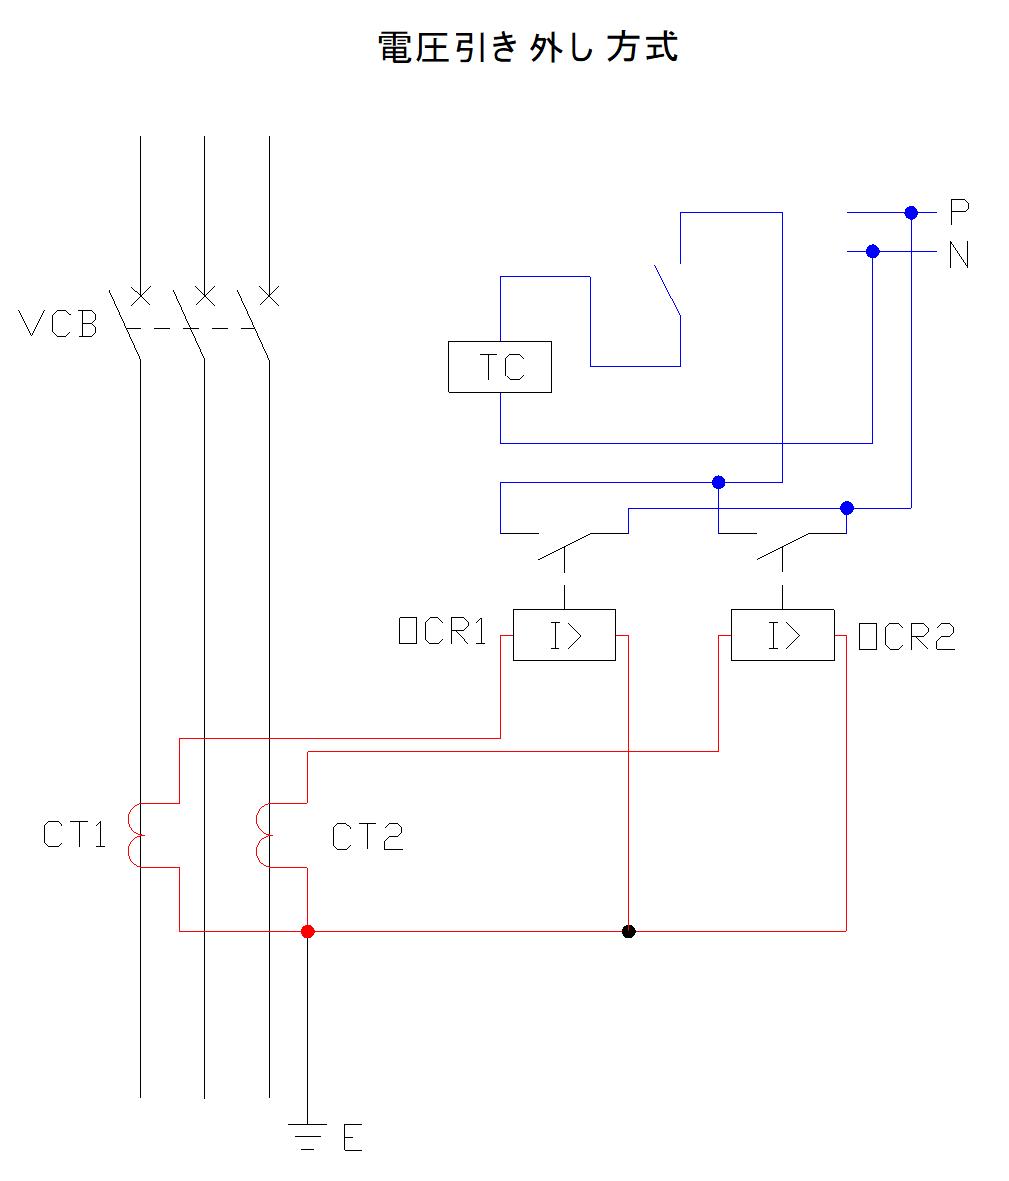 高圧遮断器における電圧引き外し方式について